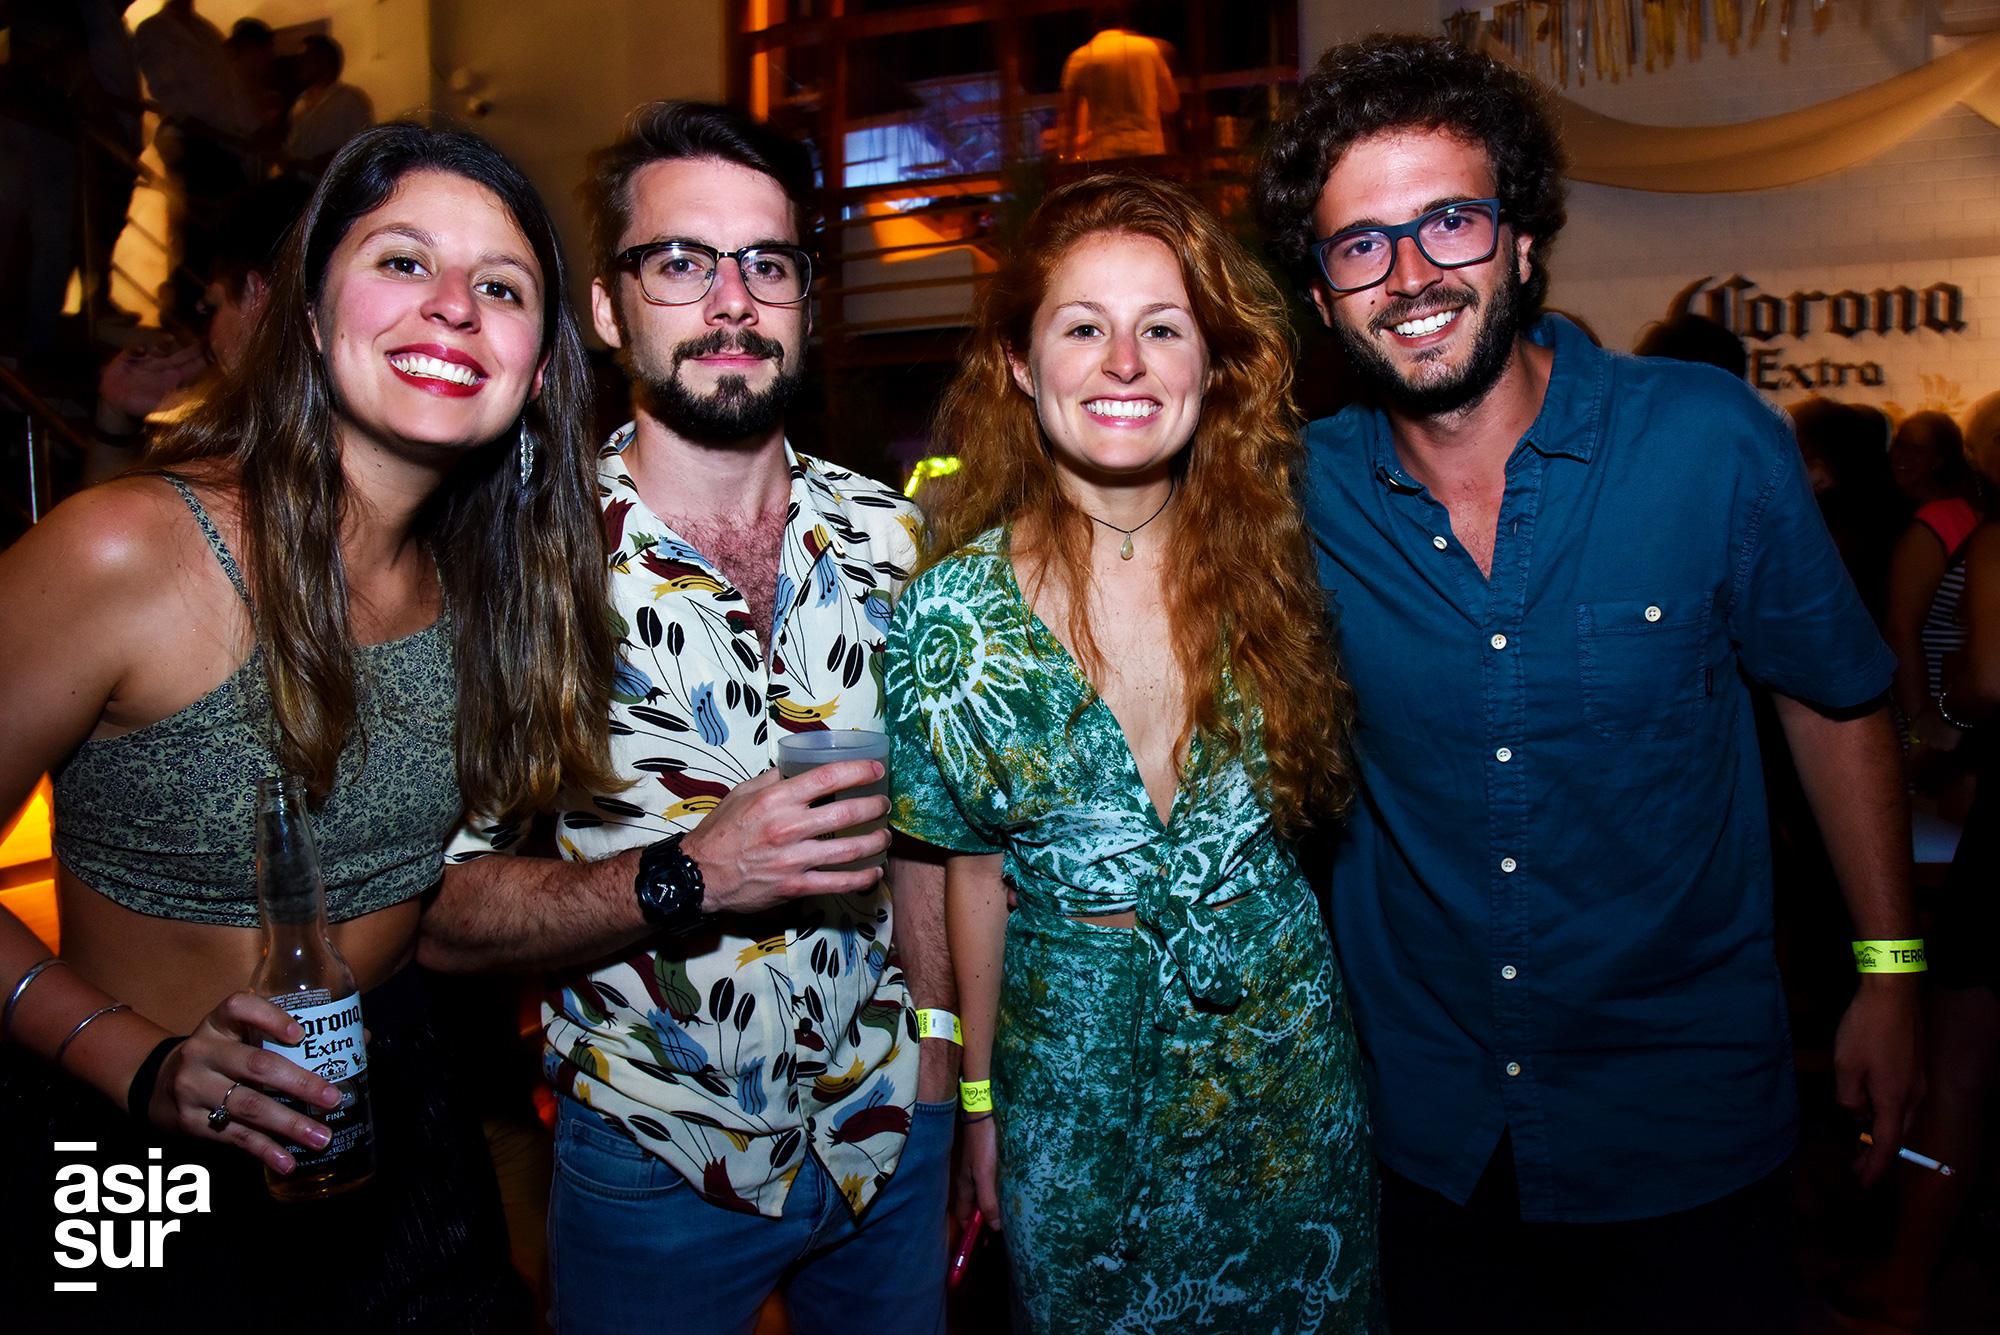 María Paz Talavera, Patrick Crosby, María Angela Talavera, Rodrigo Tafur